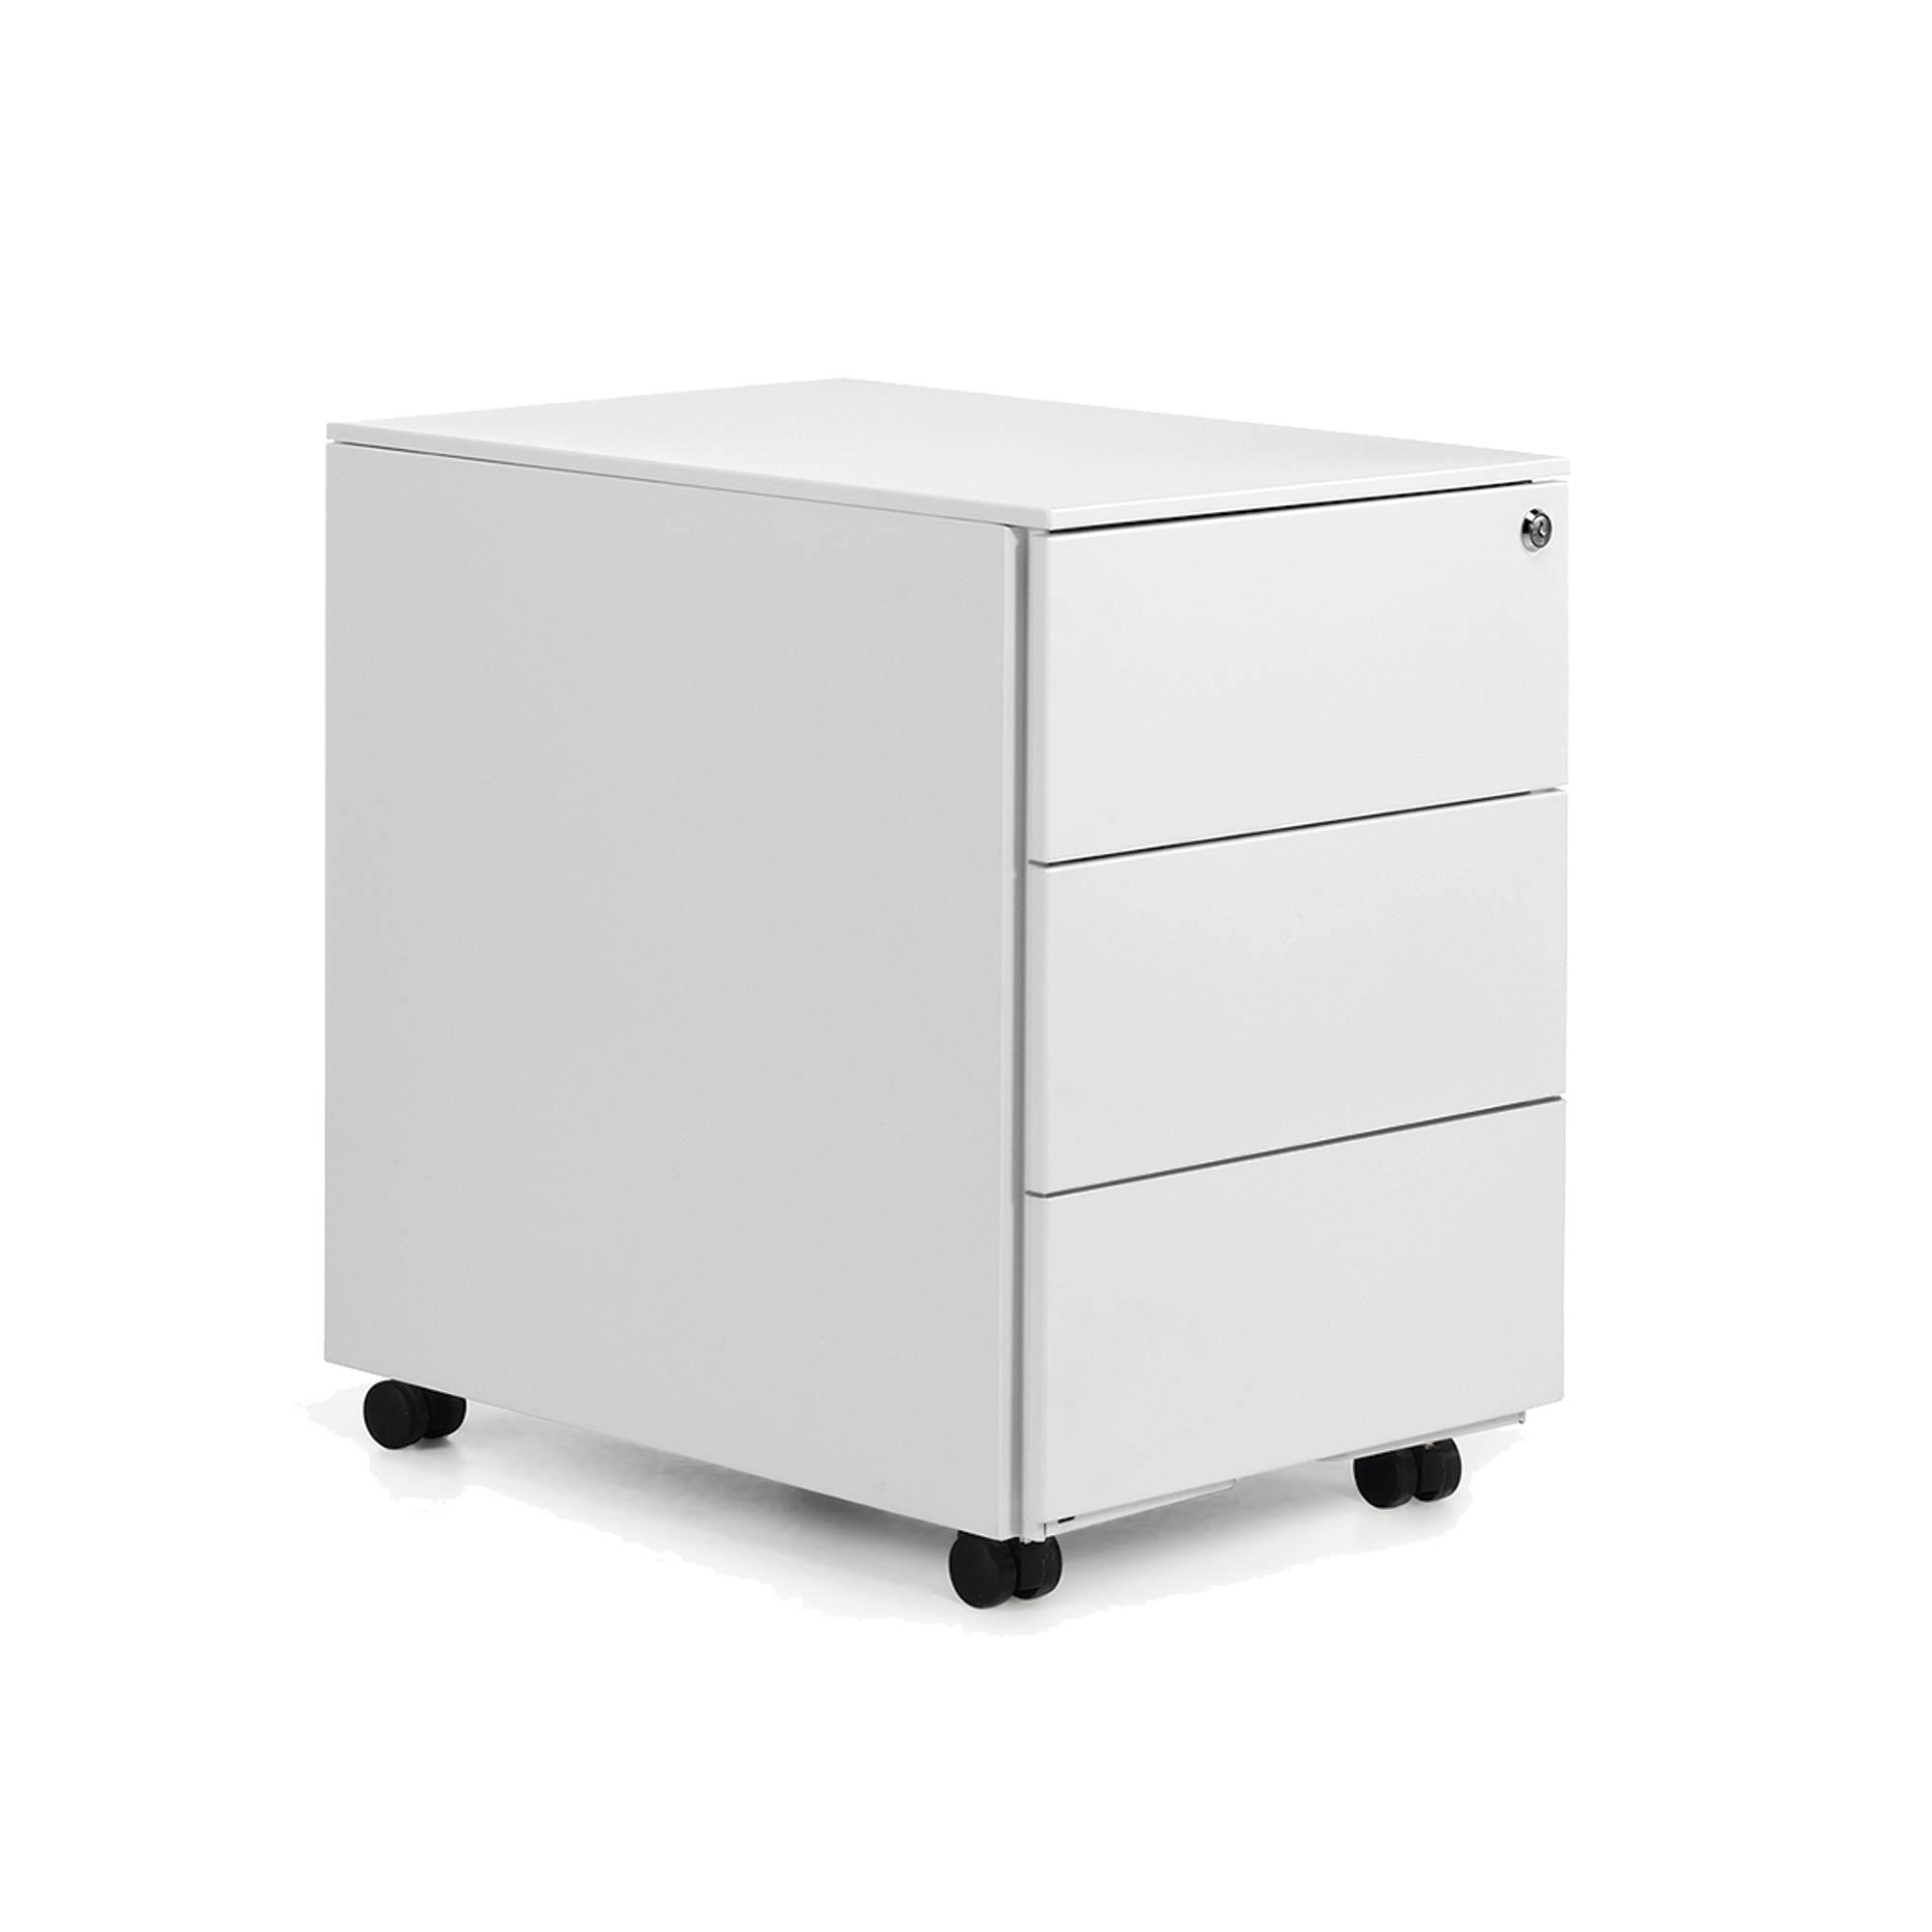 Mobiliario de oficina online with mobiliario de oficina for Muebles oficina online